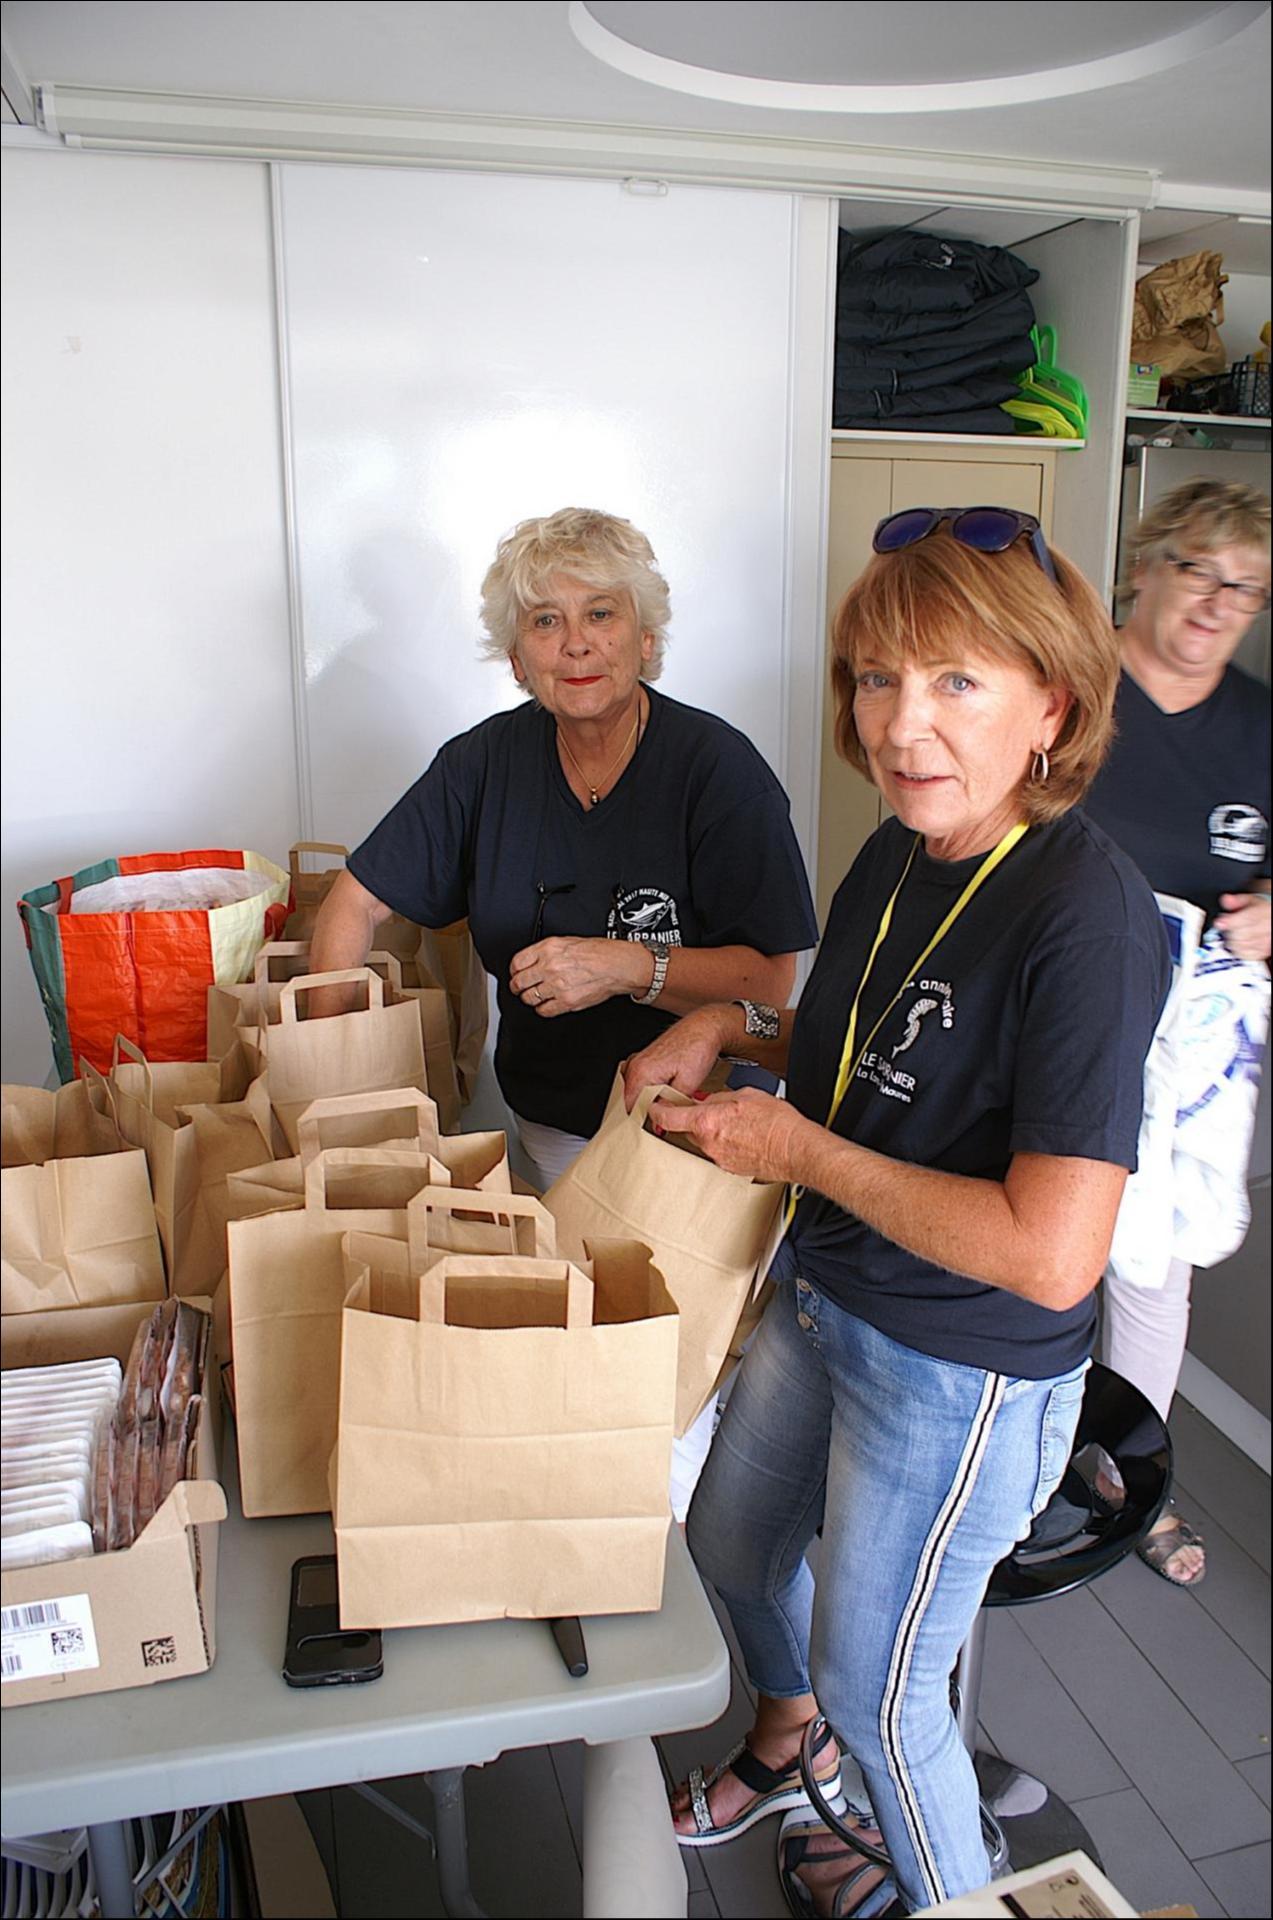 Jacqueline et Martine préparent les sacs repas des équipages